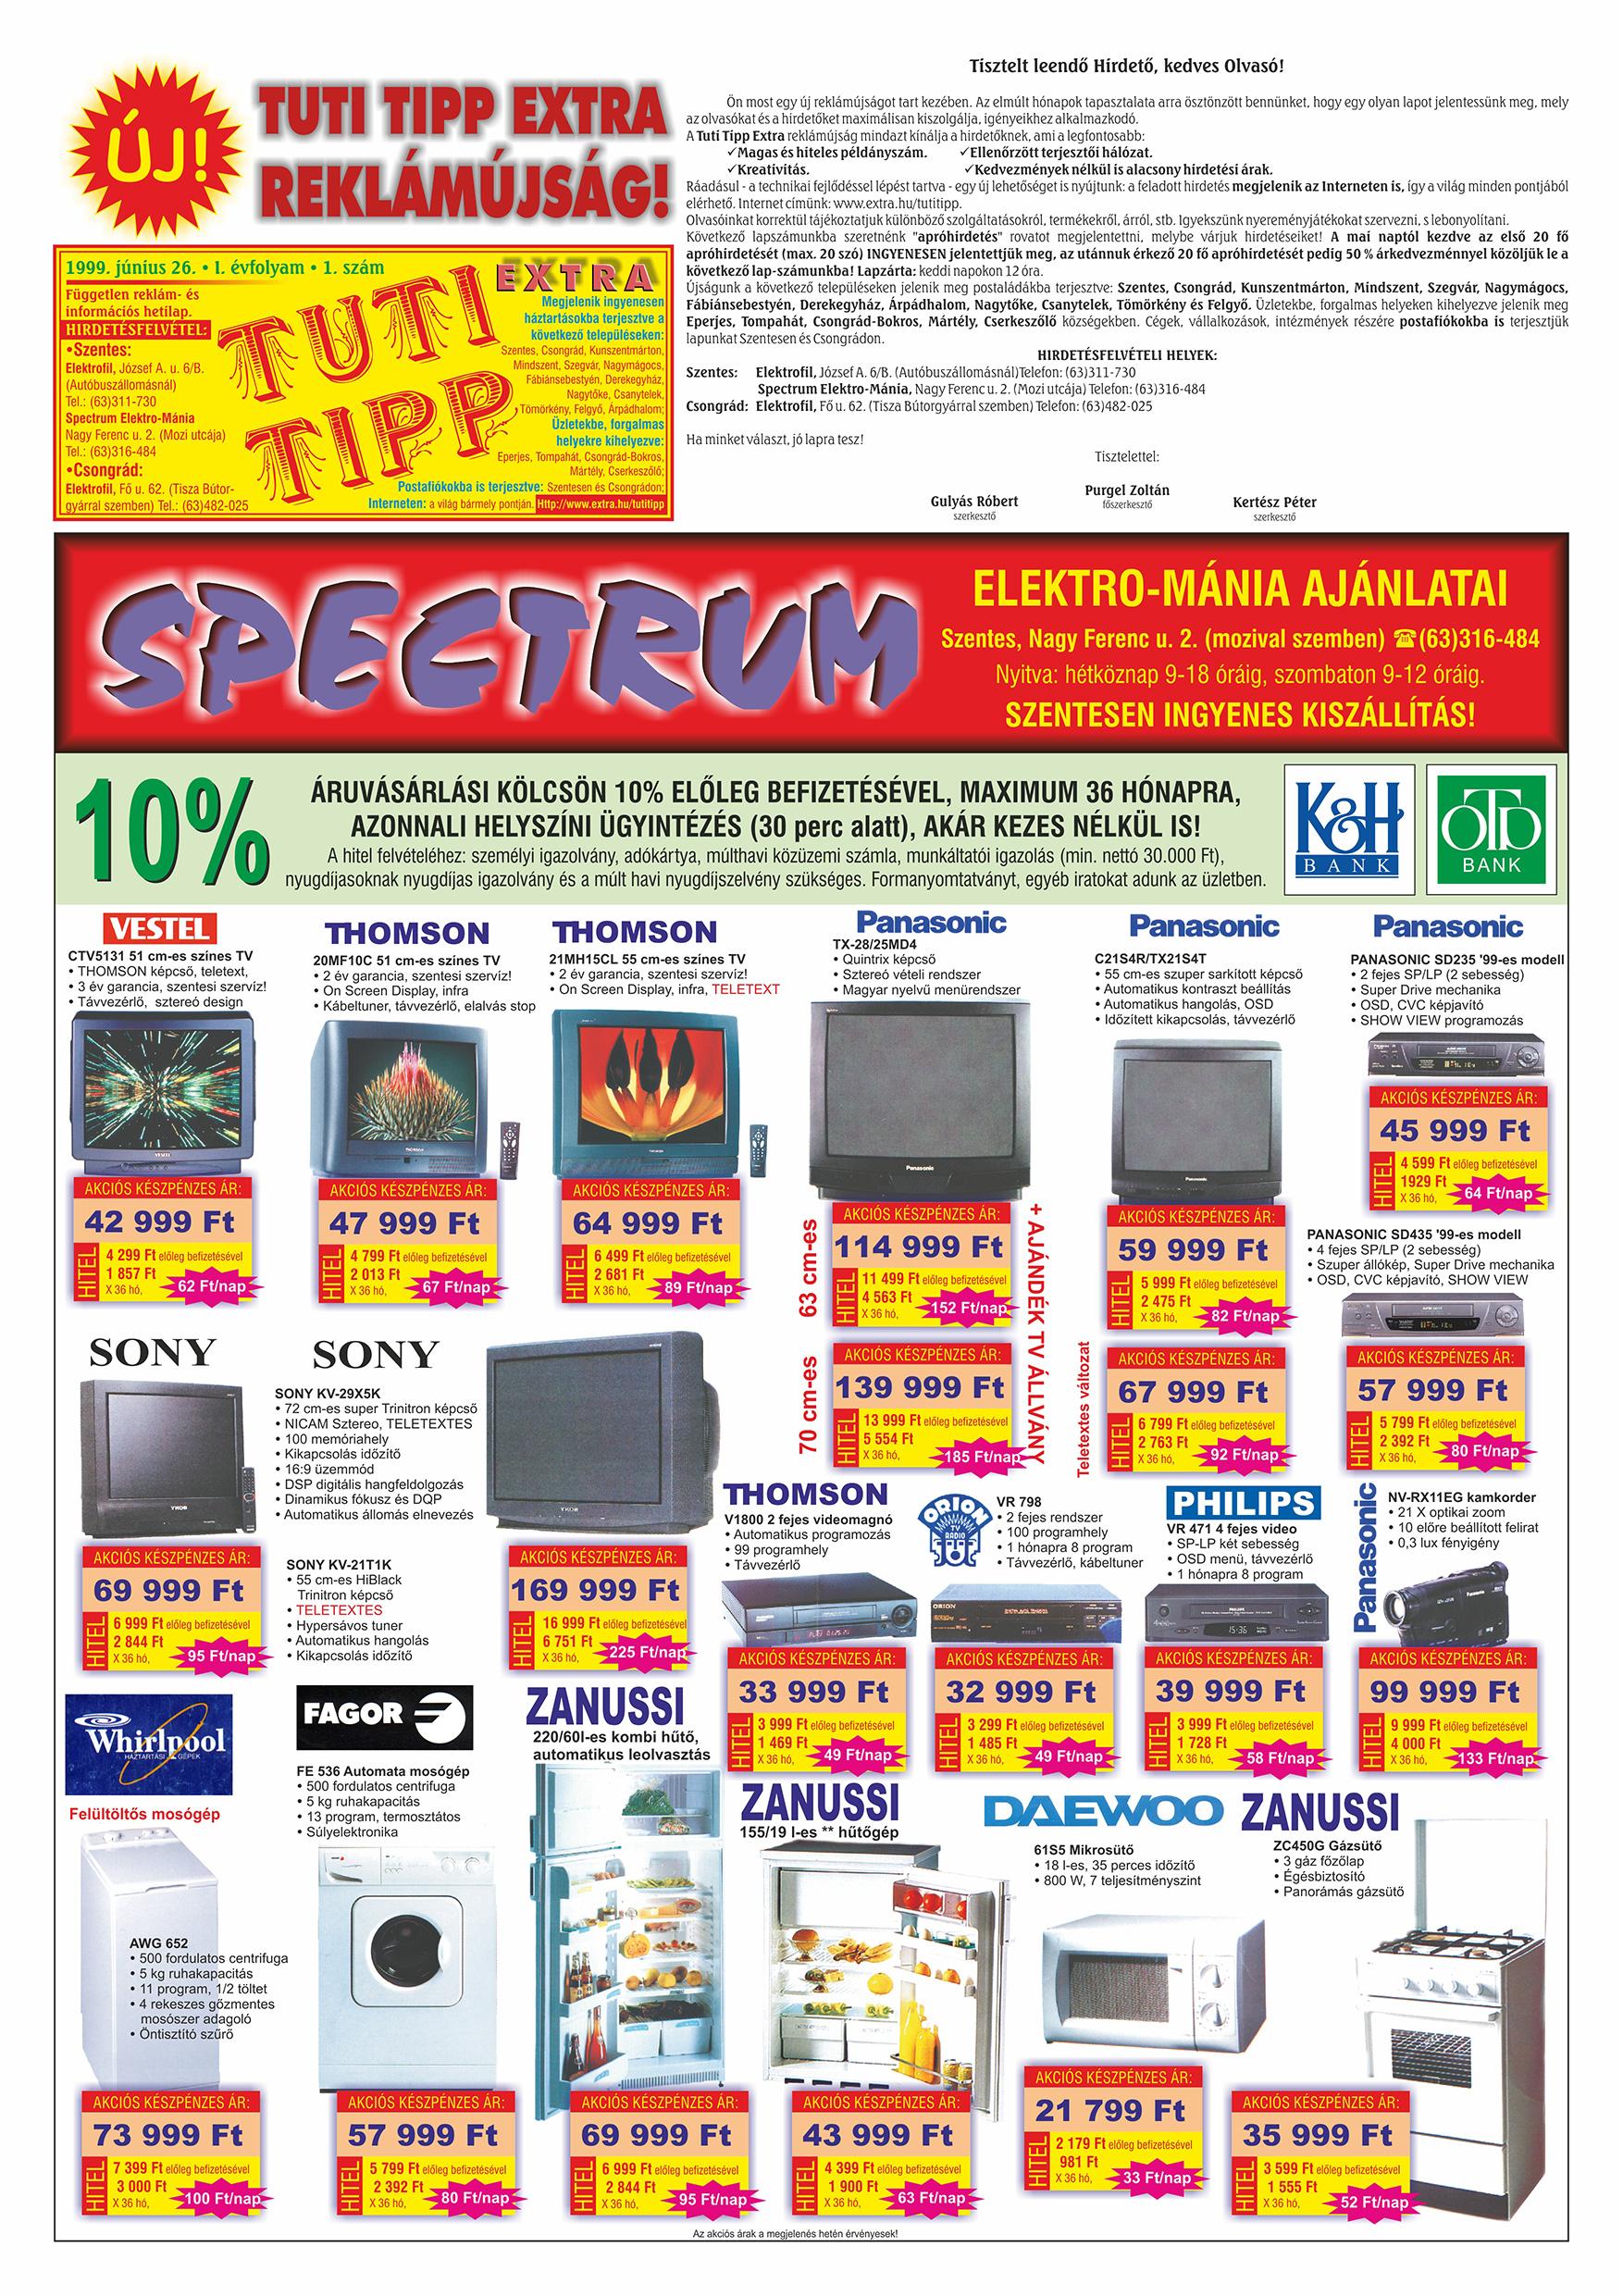 025 Tuti Tipp Extra reklámújság - 19990626-001. lapszám - 1.oldal - V. évfolyam.jpg